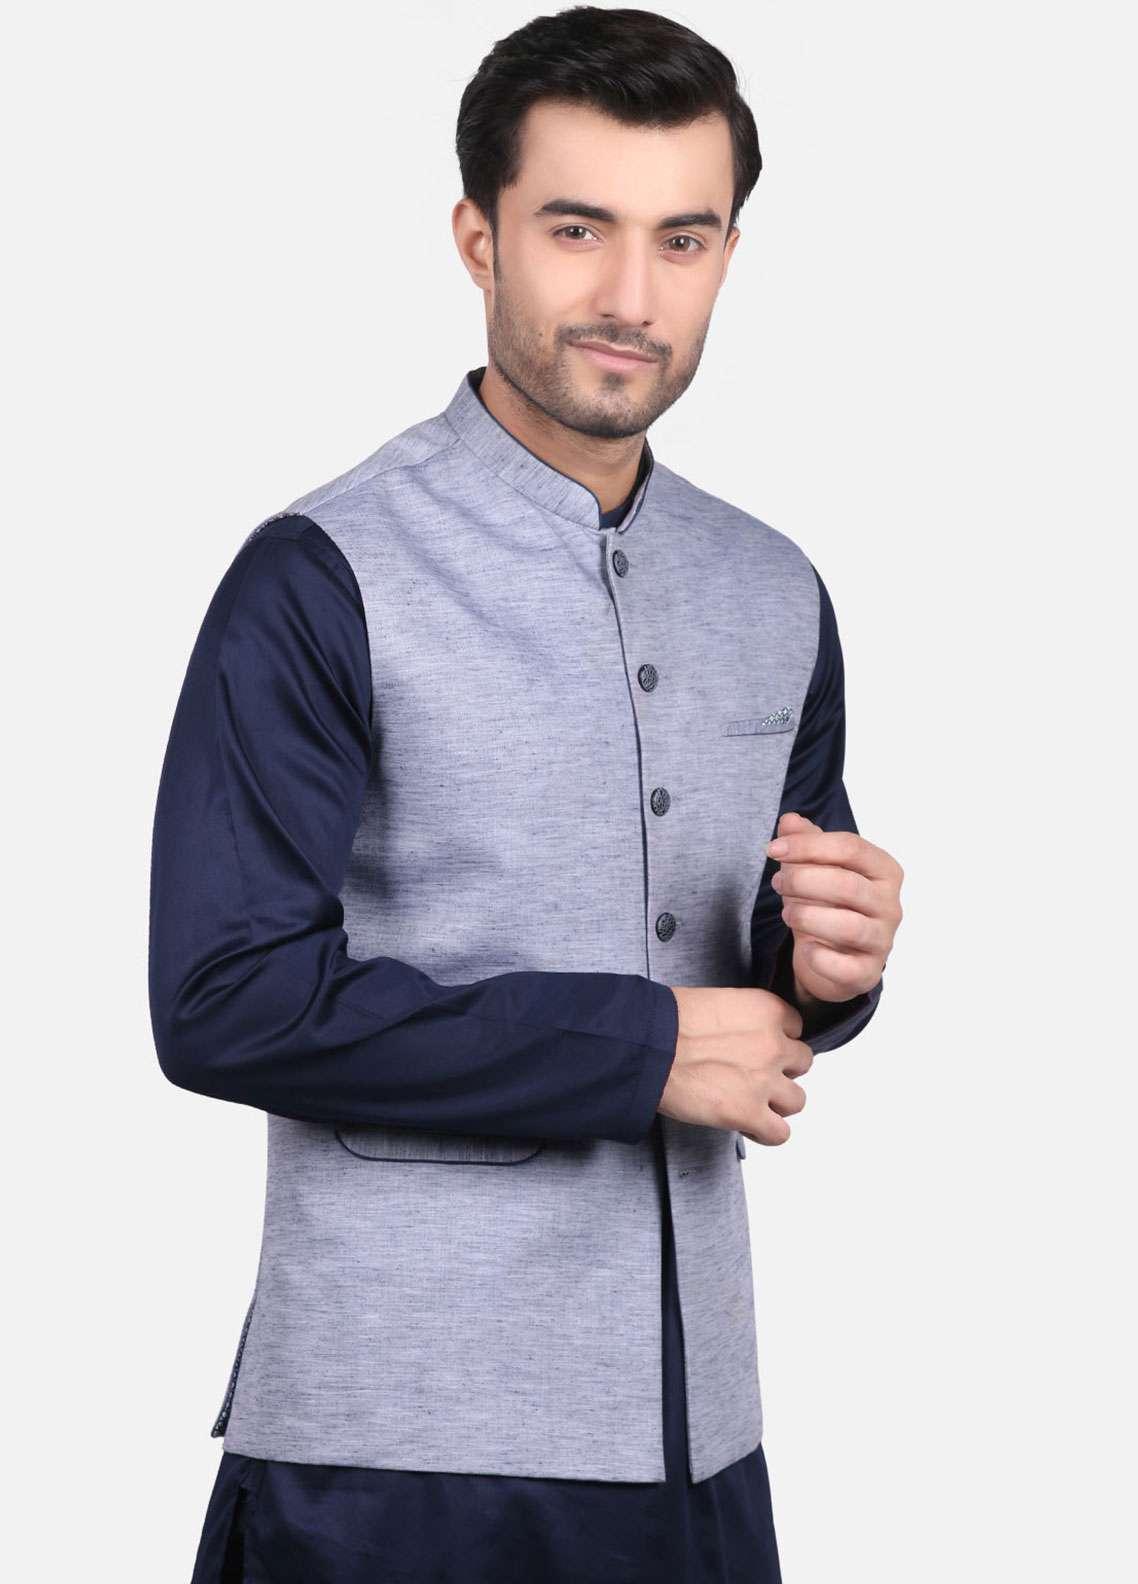 Edenrobe Jacquard Formal Waistcoats for Men - Blue EMTWC-35663